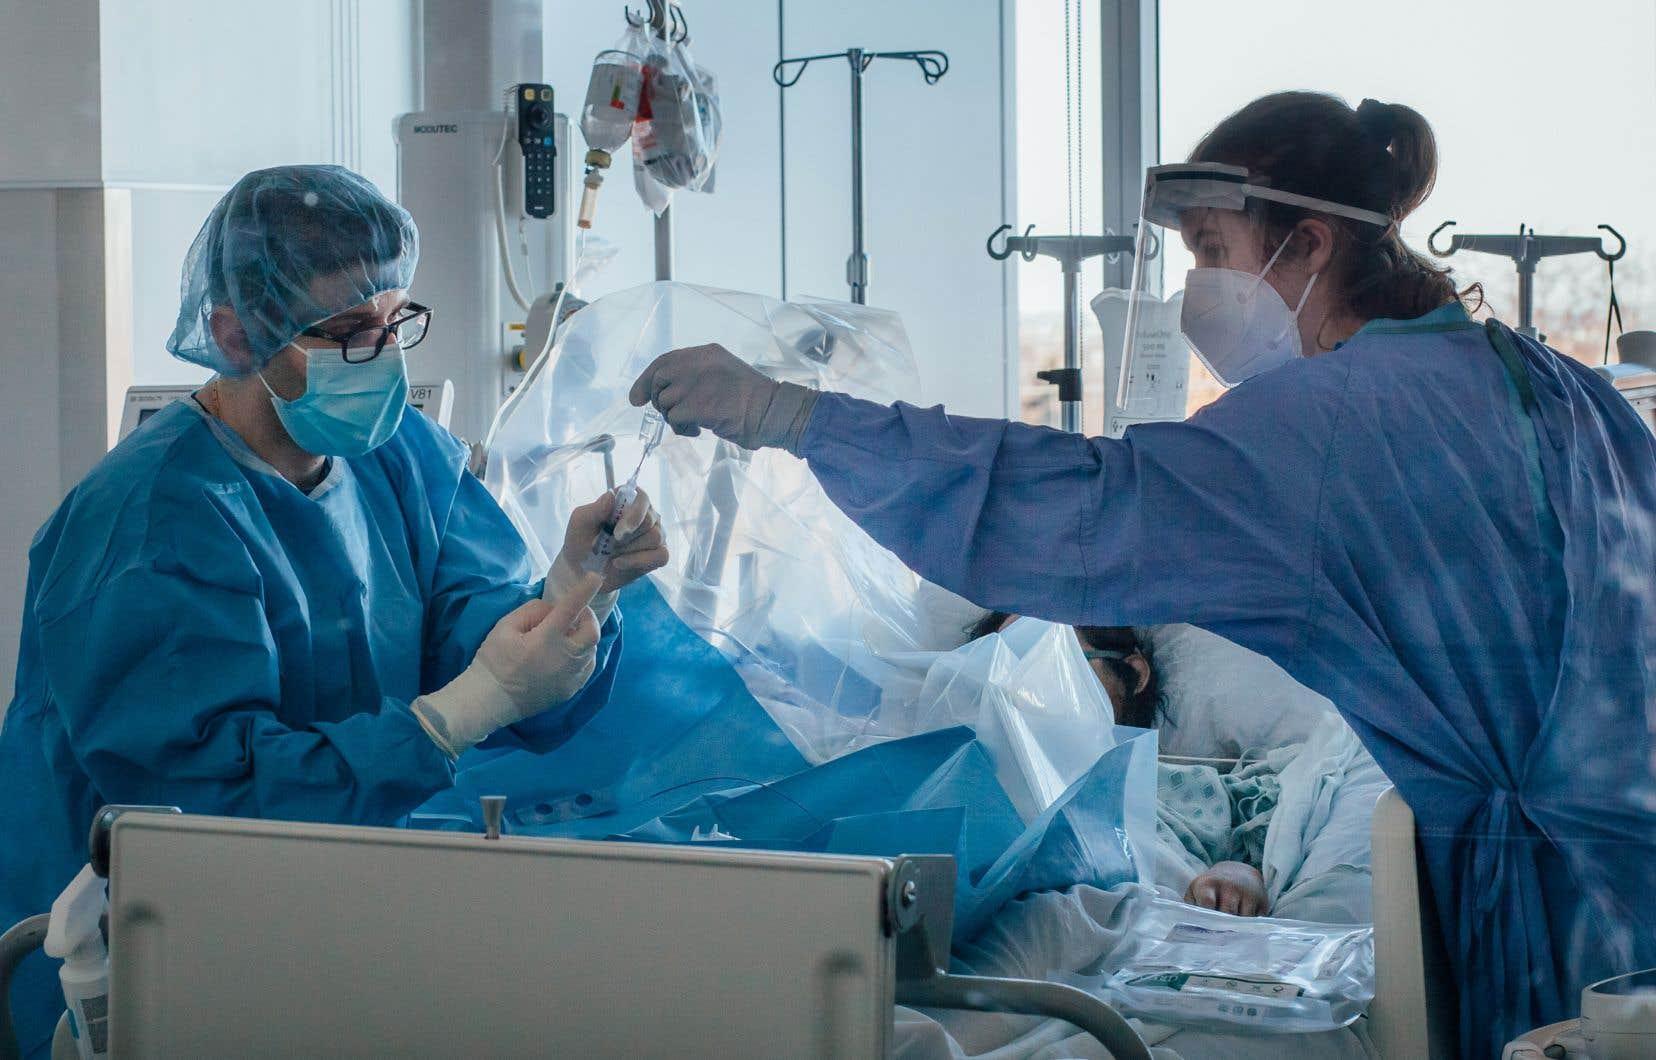 Les femmes représentent 80,6% des travailleurs dans le milieu de la santé.